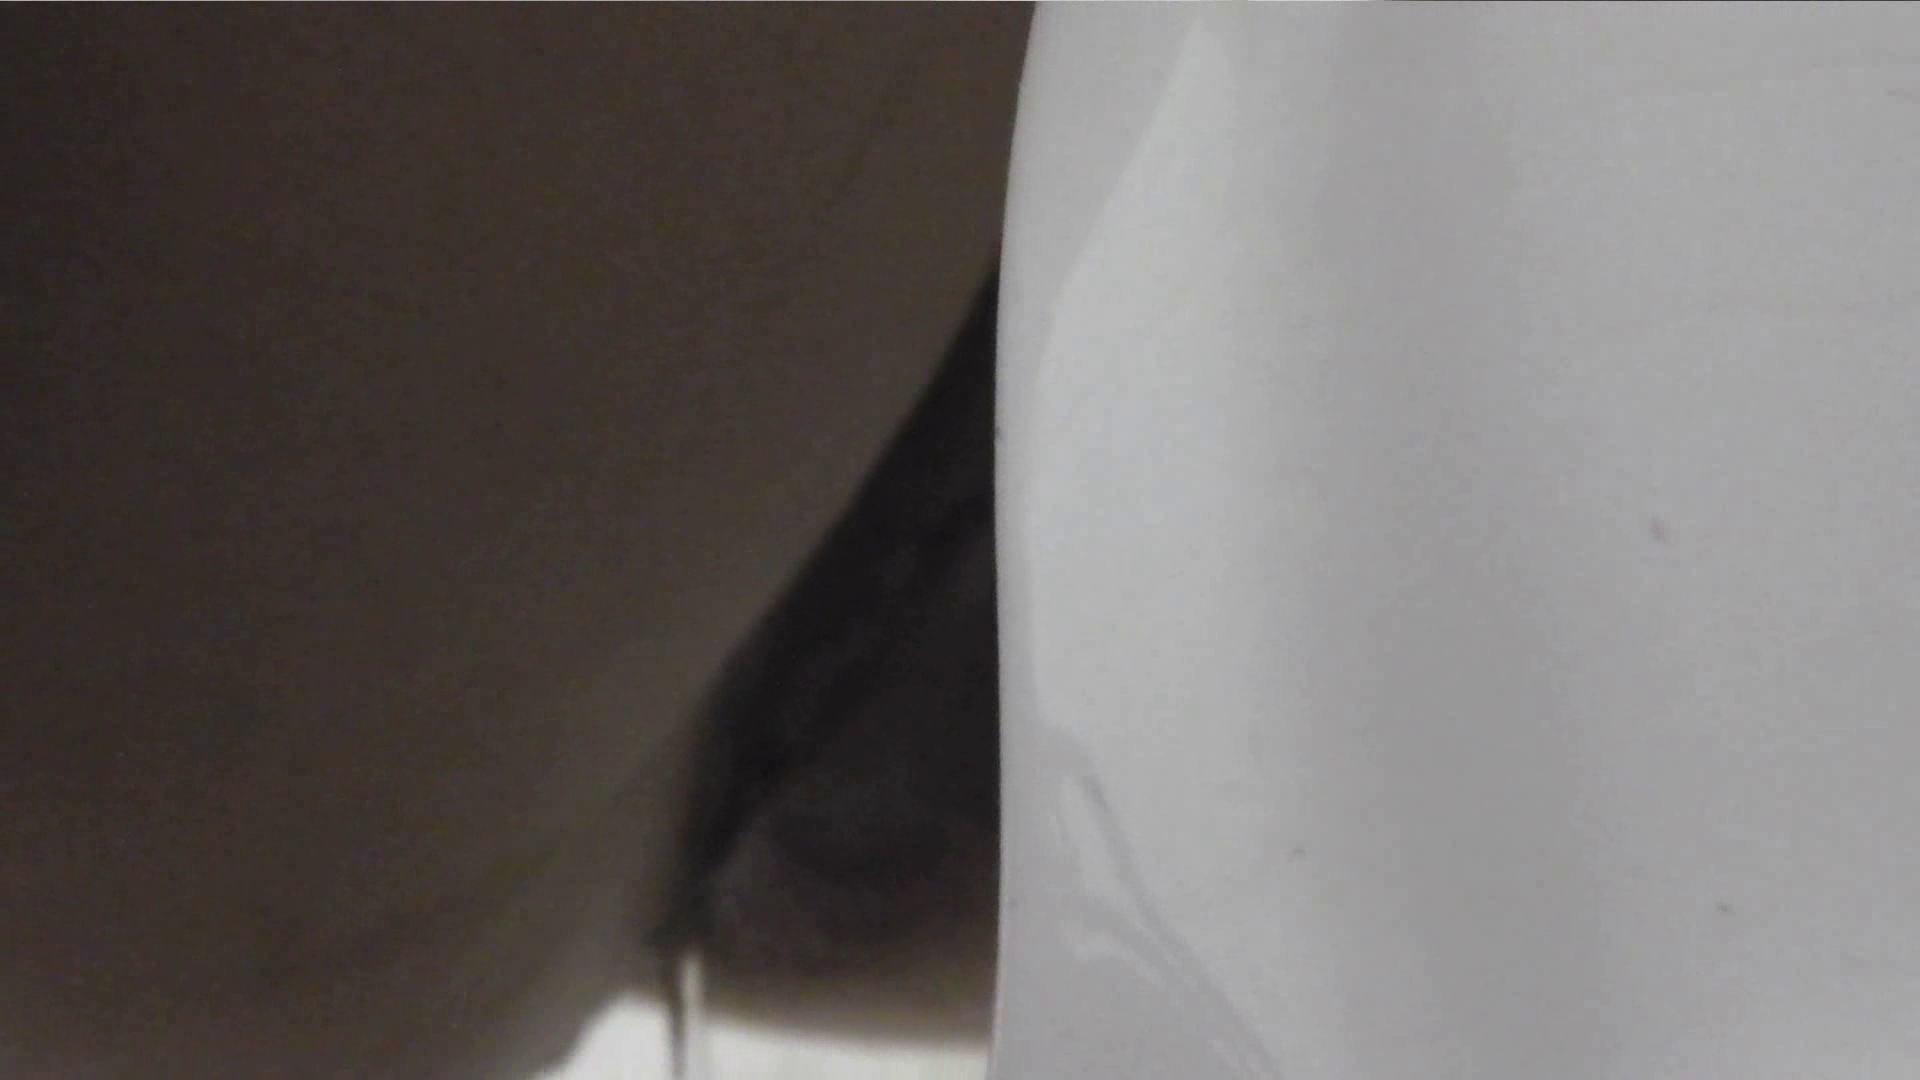 洗面所特攻隊 vol.001 清楚な美脚さん 洗面所着替え | OL  70連発 11